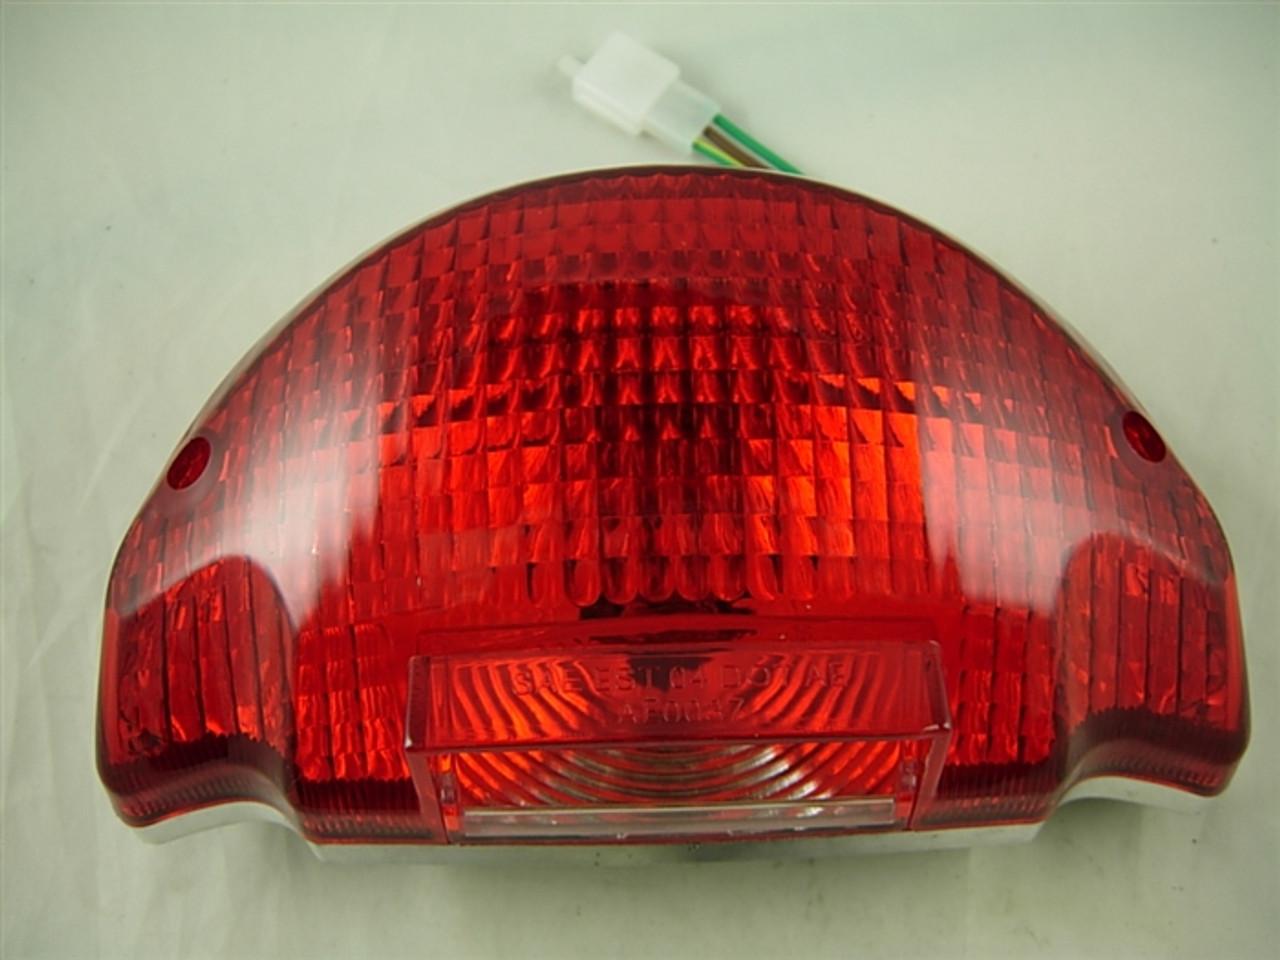 TAIL LIGHT ASSEMBLY 10903-A51-3